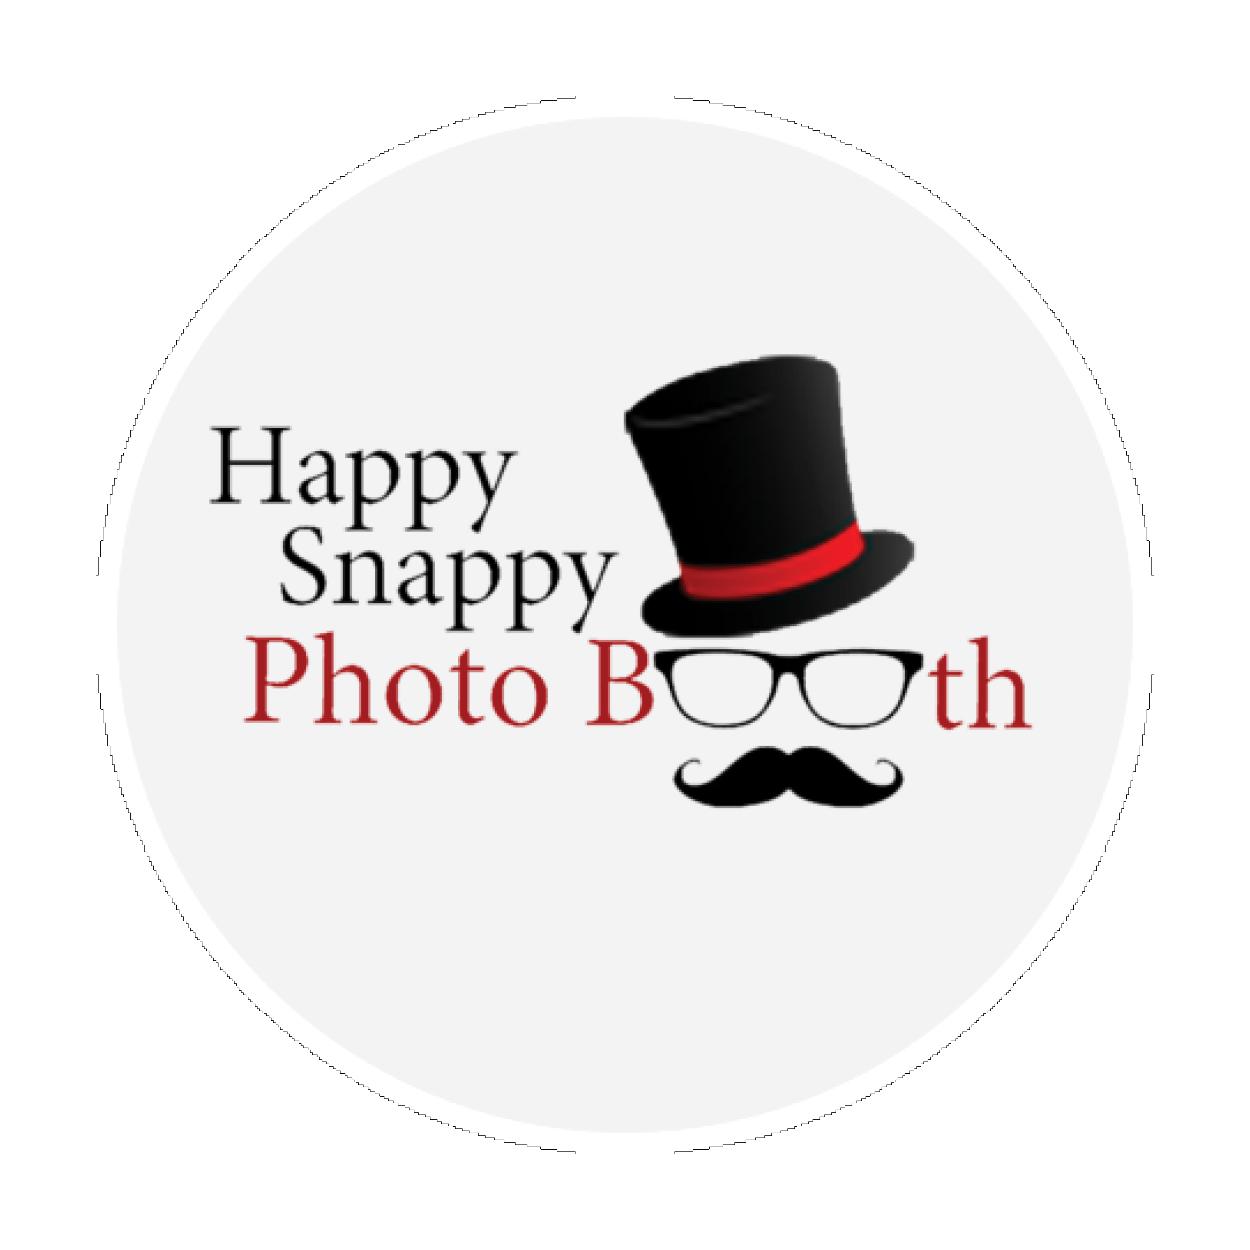 HappySnappyPhotoBoothLogo